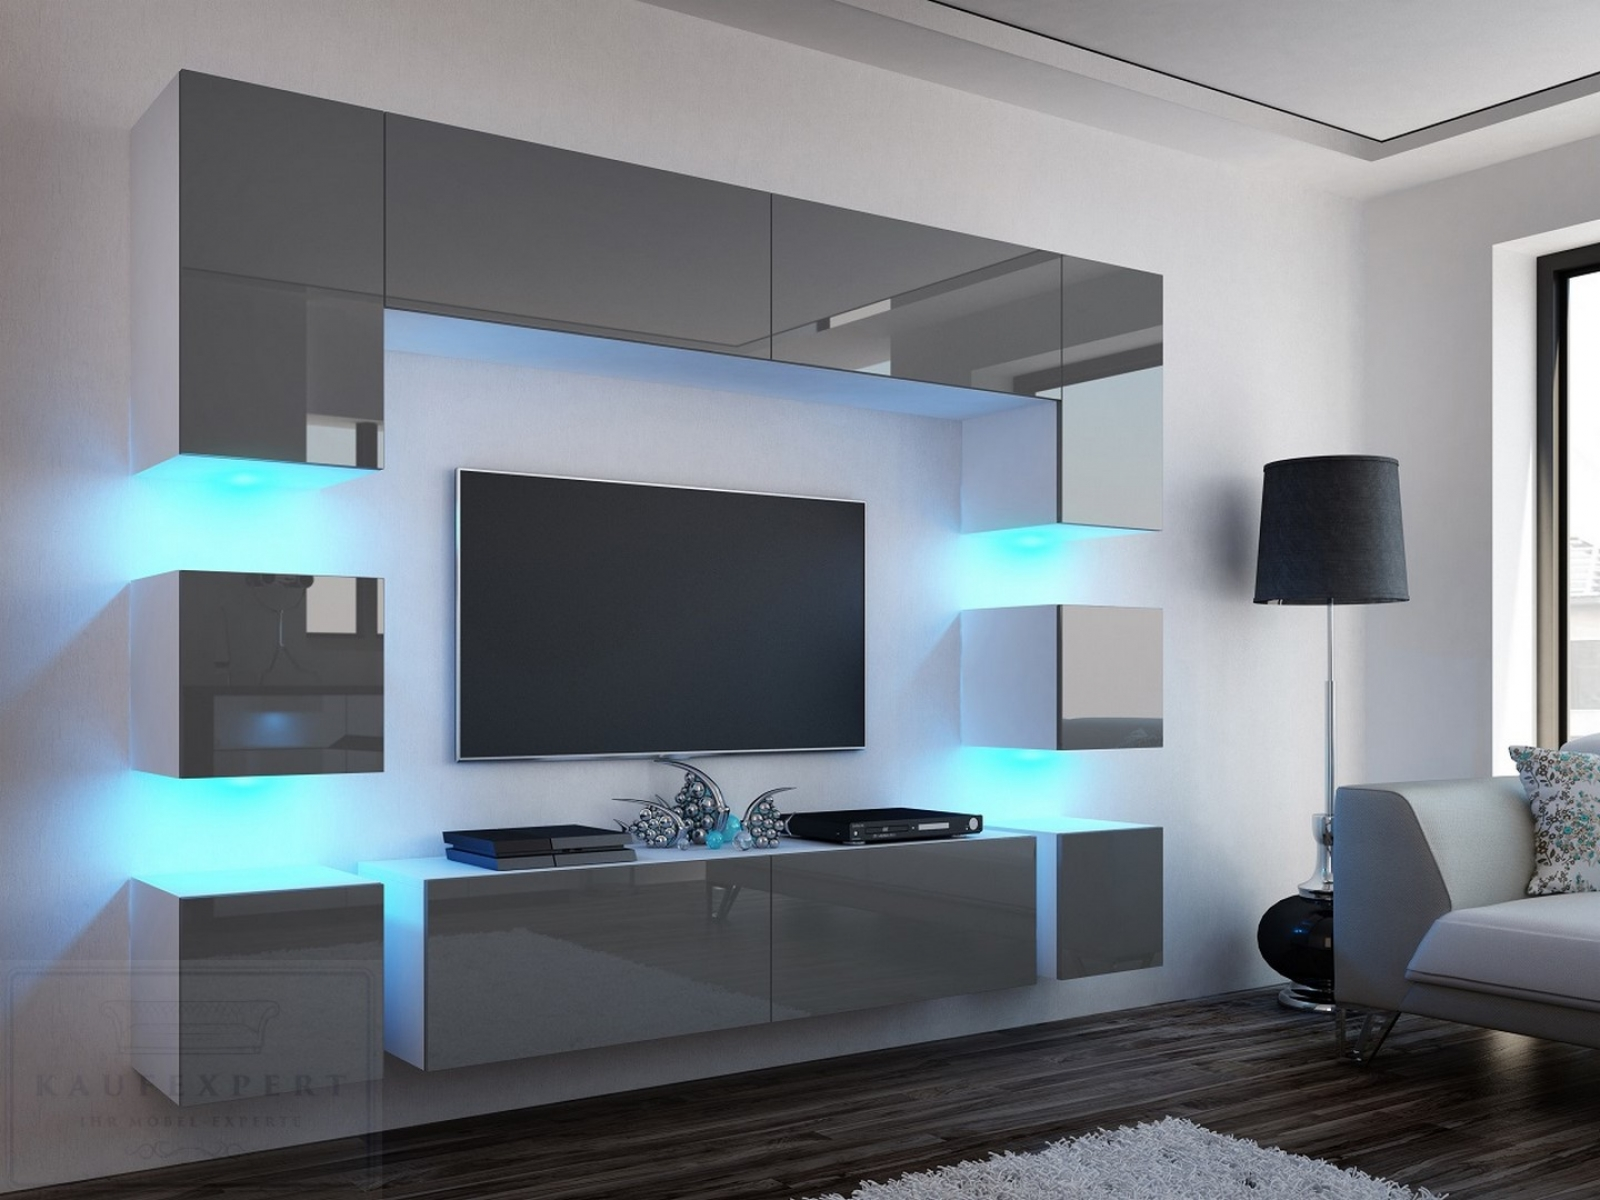 Wohnwand Quadro Grau Hochglanz/Weiß 228 Cm Mediawand Medienwand Design Modern Led